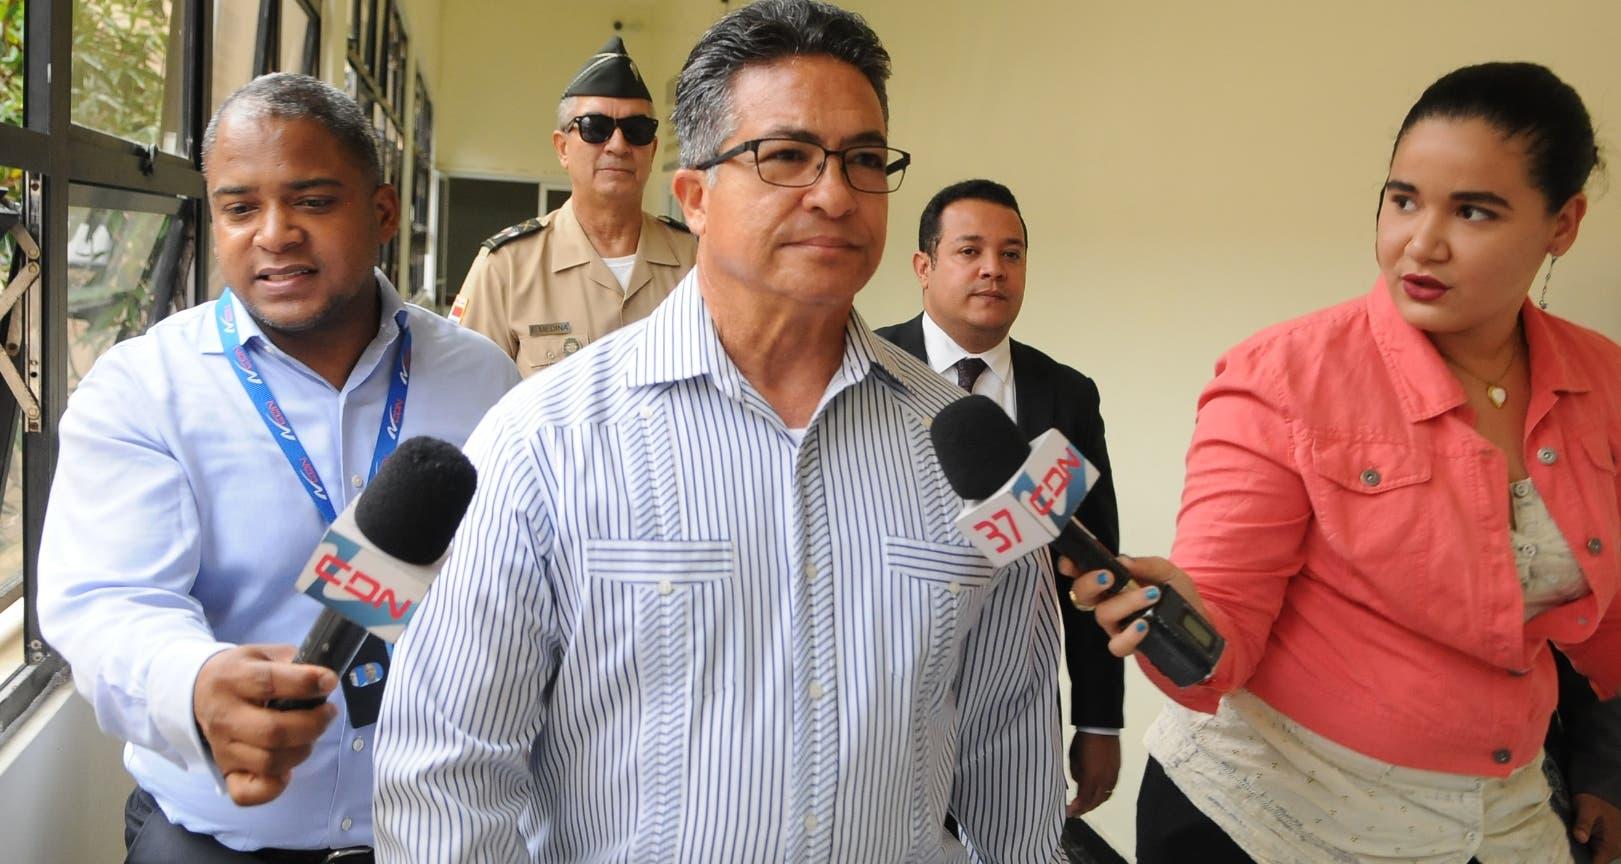 El mayor general retirado Pedro Rafael Peña Antonio será interrogado a partir de las 10 de la mañana. Foto de archivo.